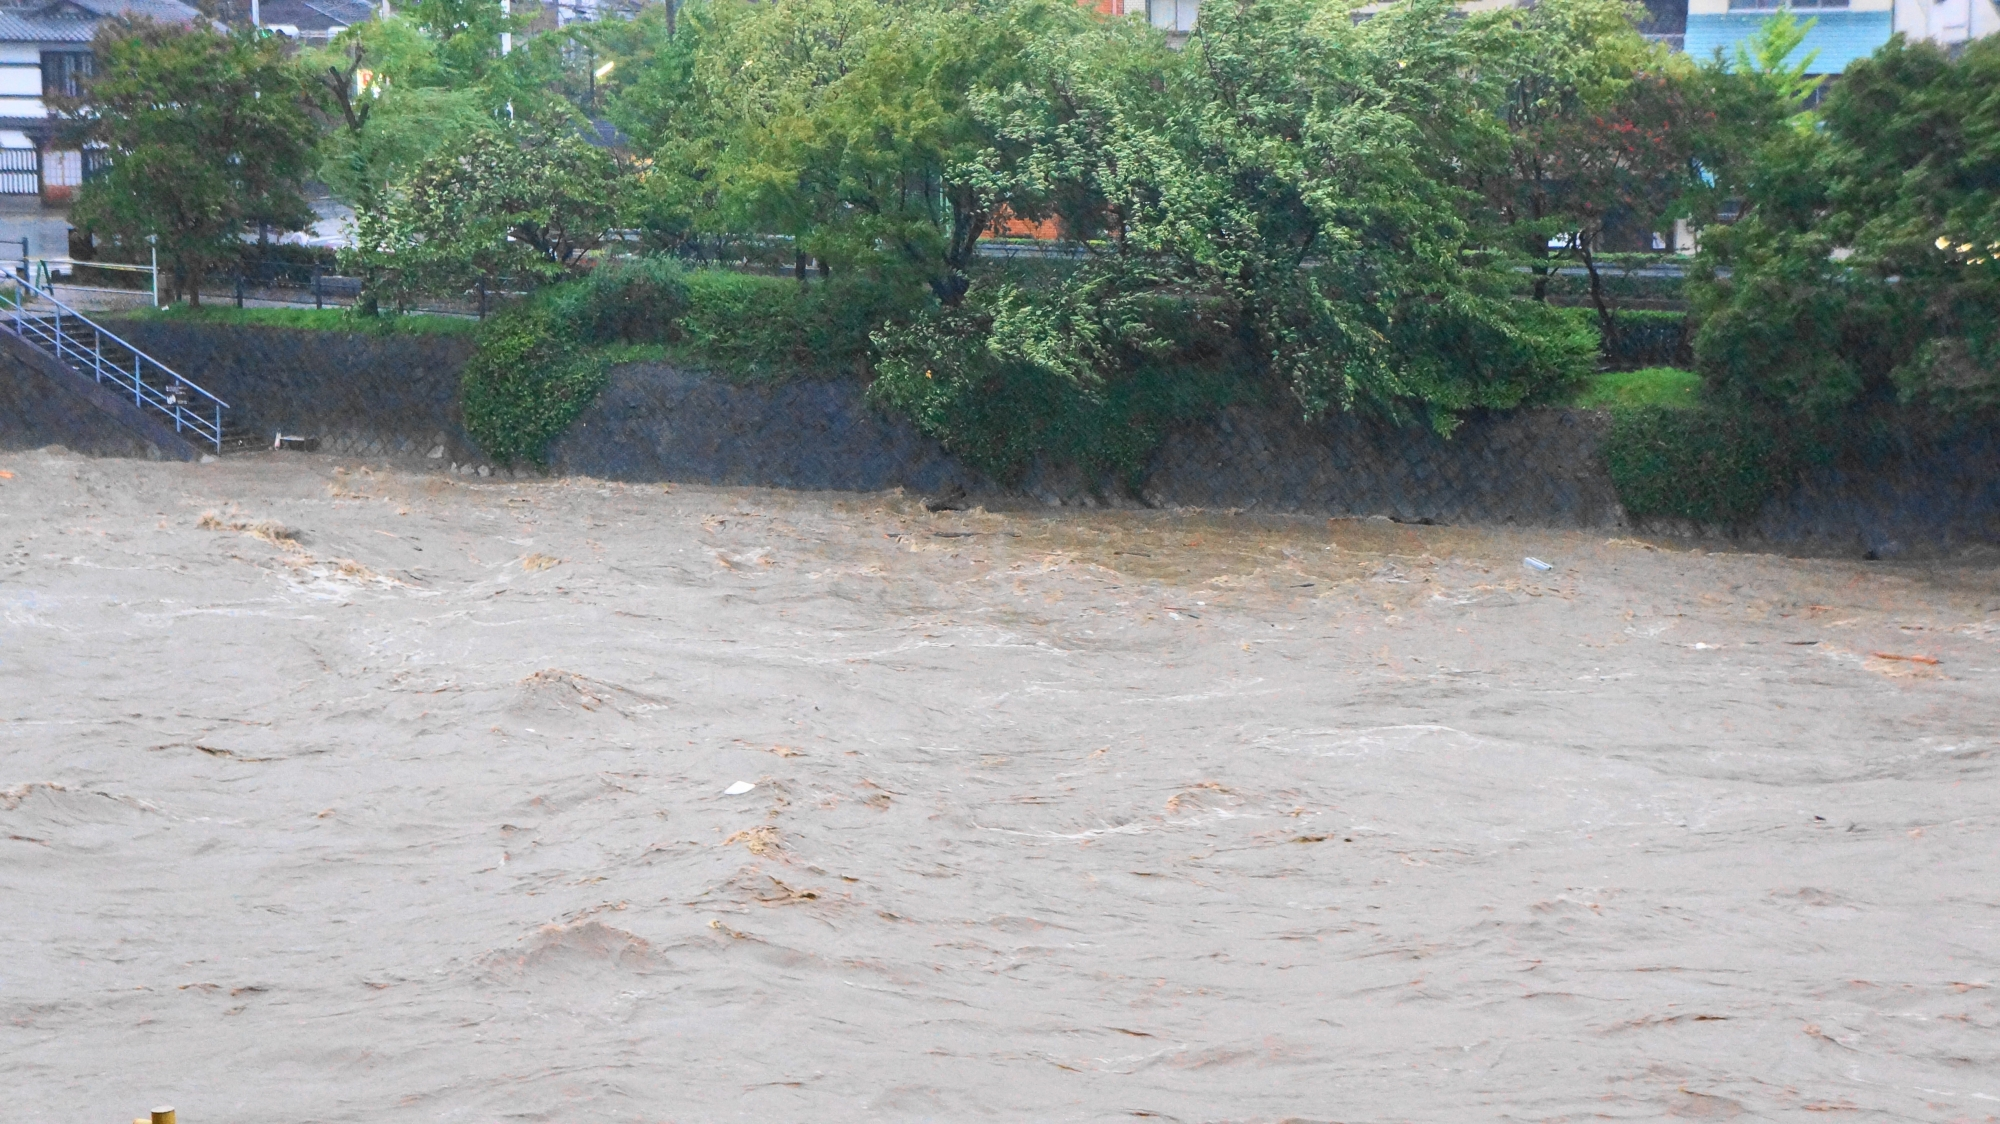 大雨特別警報が発令された京都府の氾濫しそうな鴨川